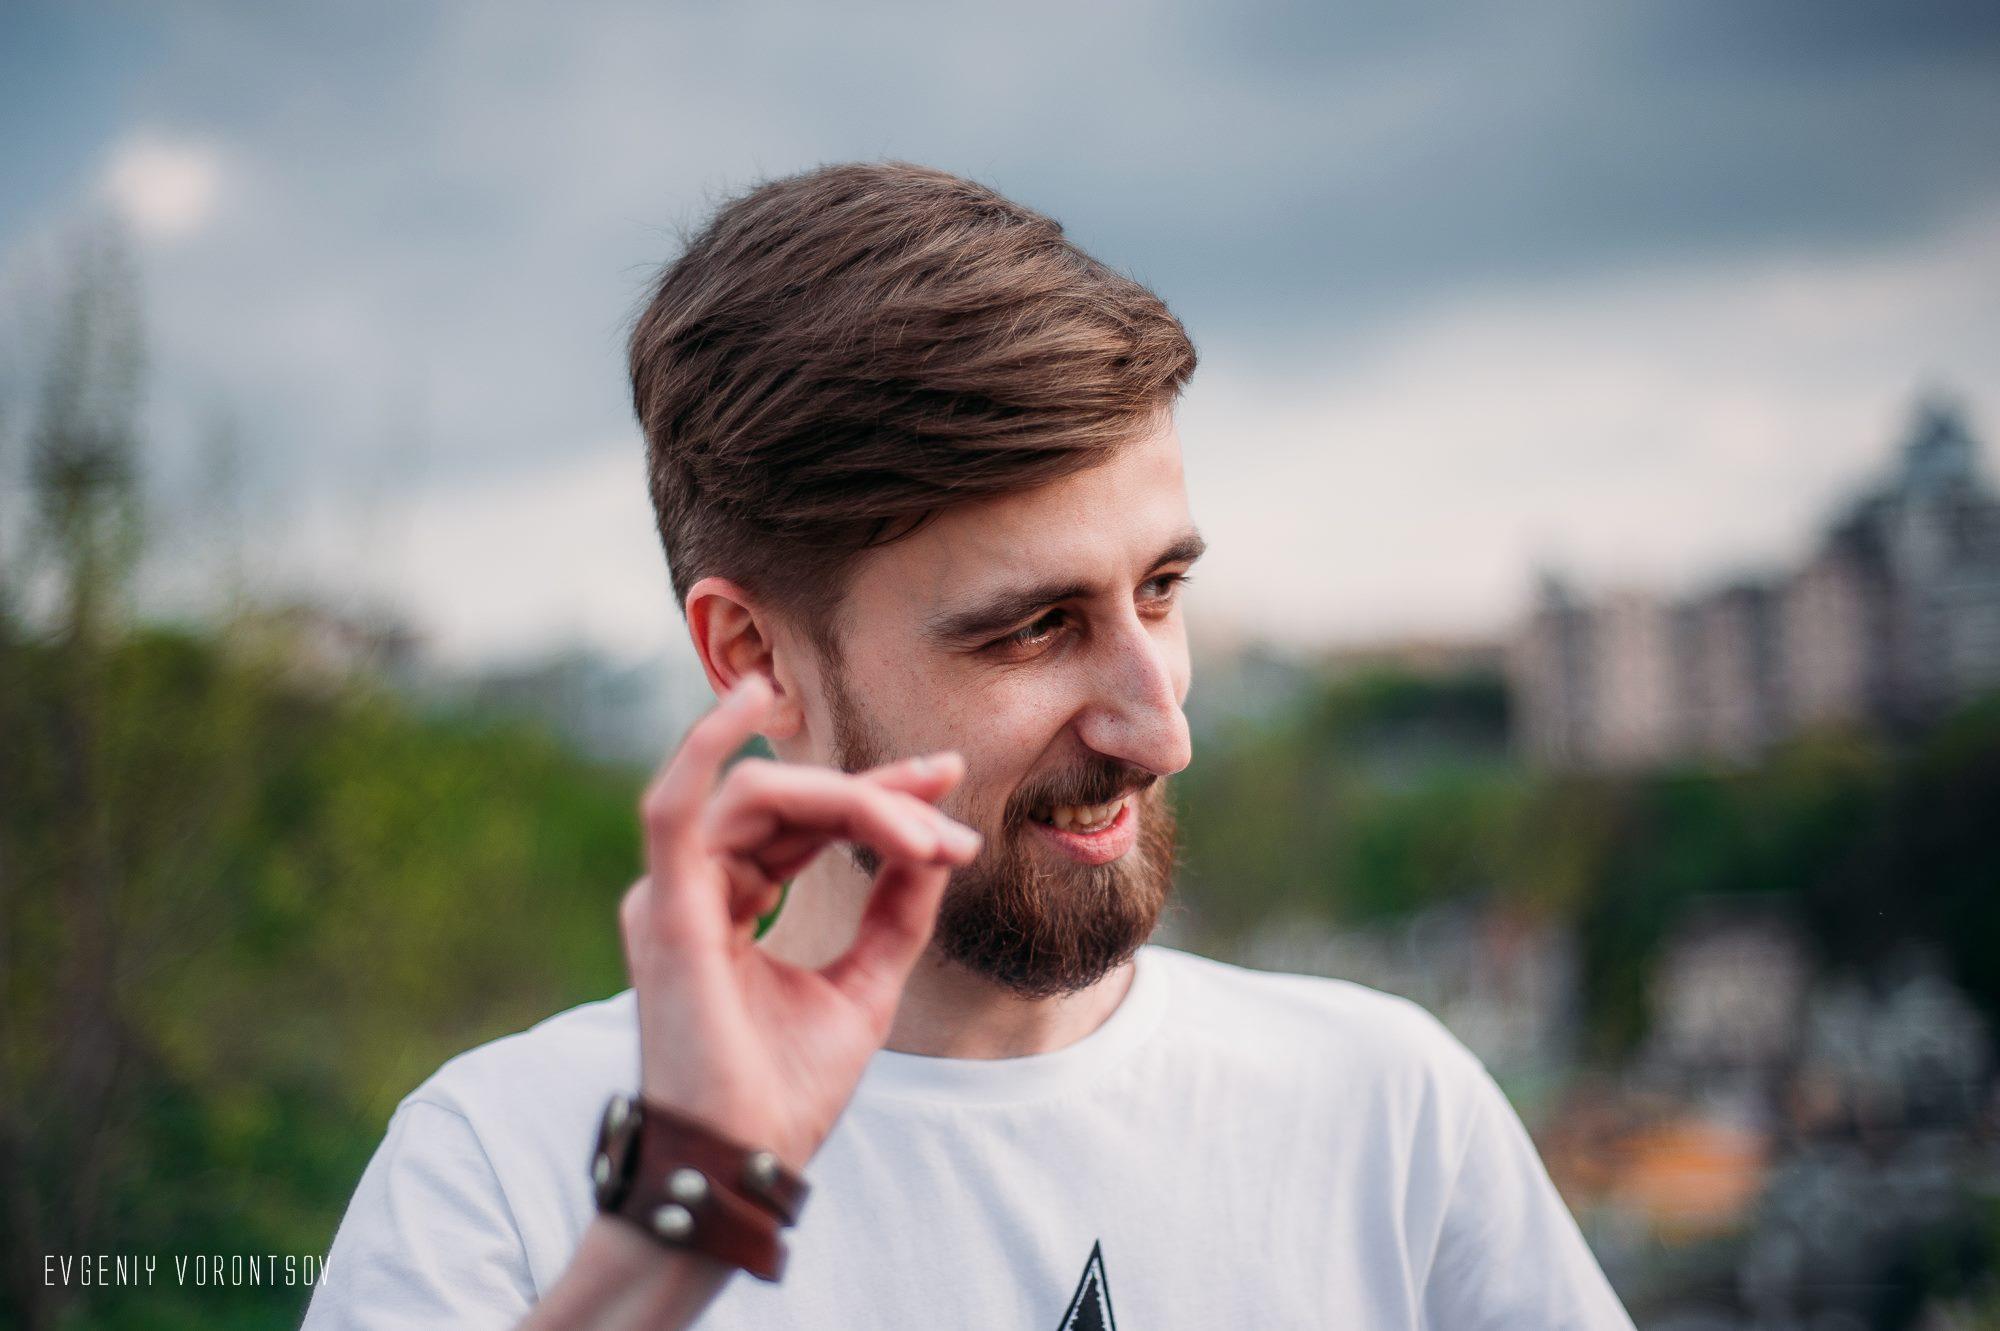 Євген Воронцов